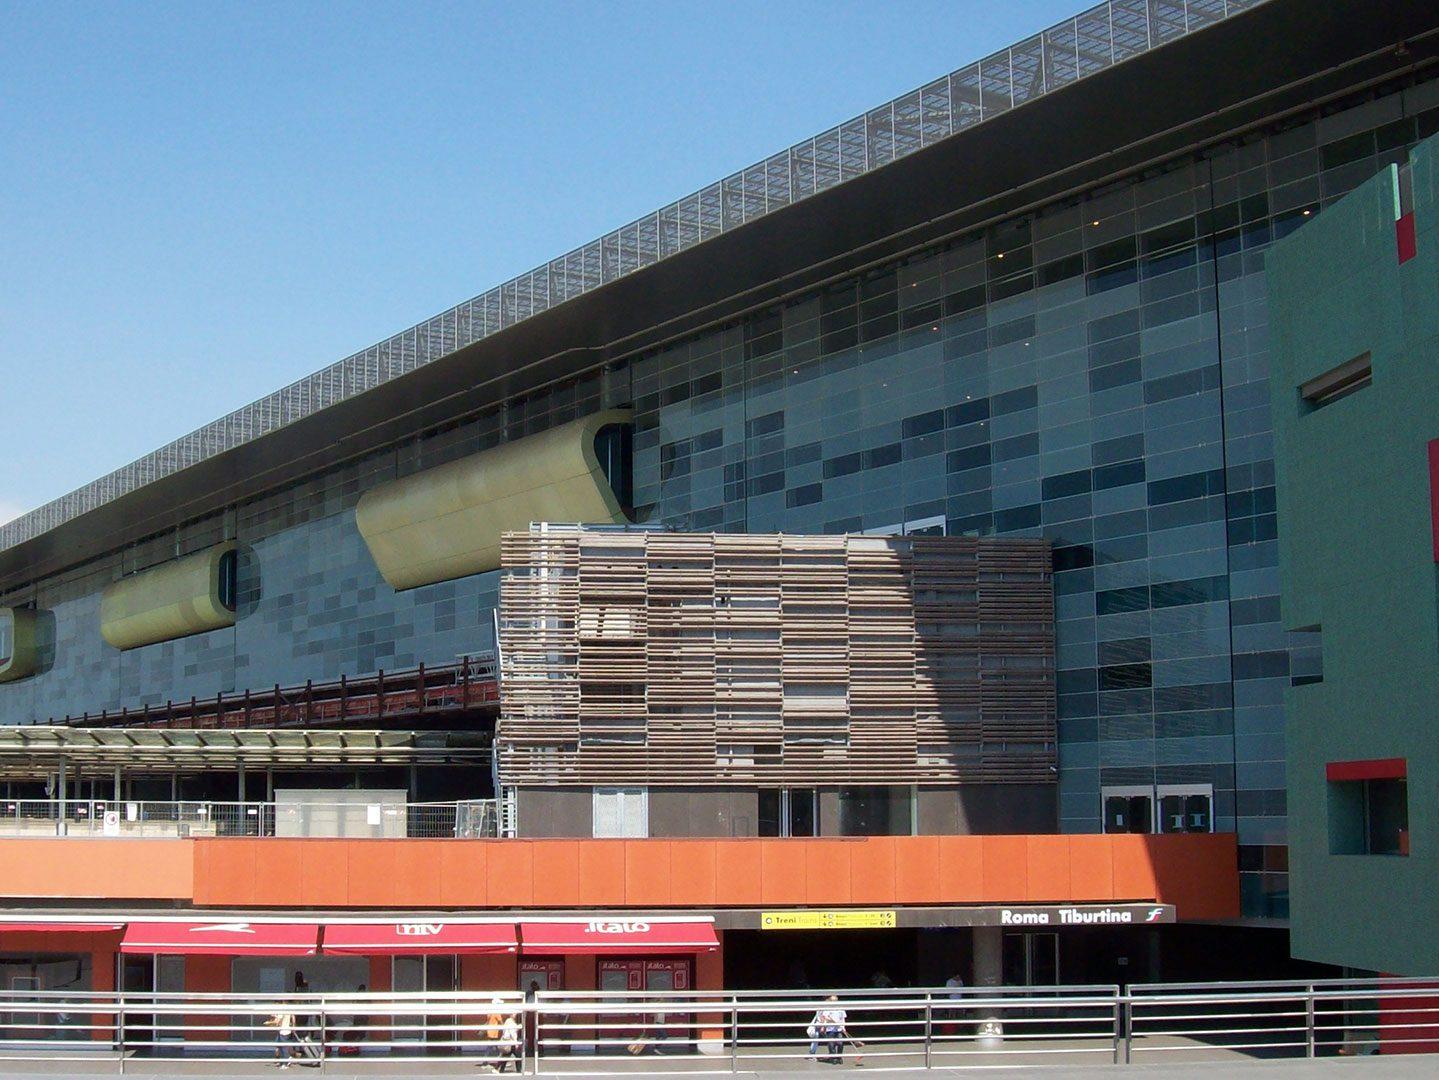 Nuova Stazione Tiburtina